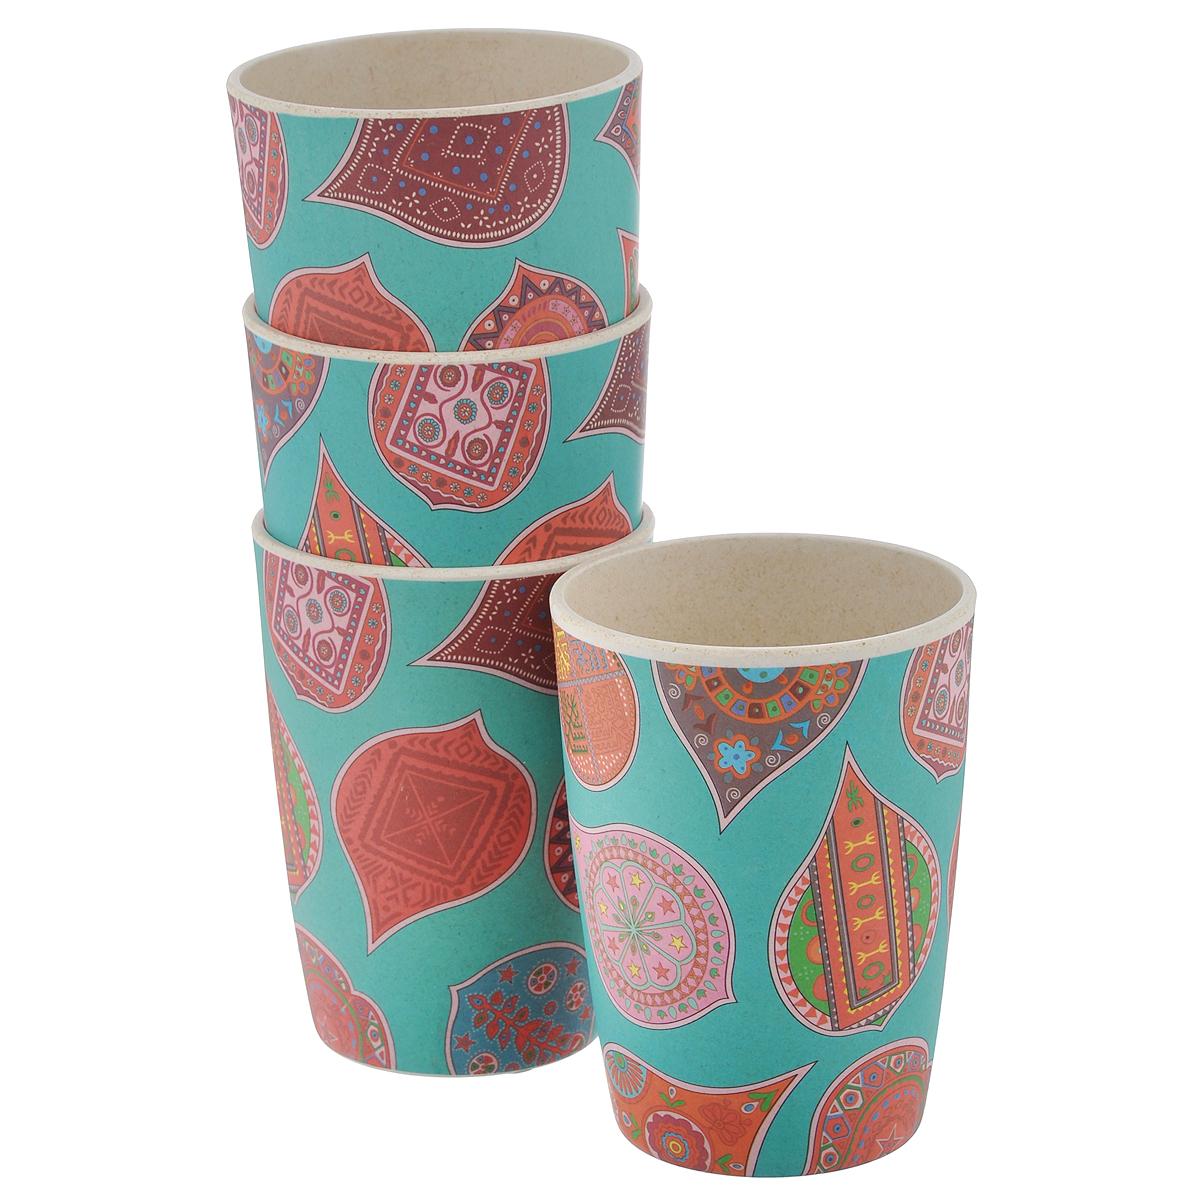 Набор стаканов EcoWoo Индиа Блу, 300 мл, 4 шт2007026U-4Набор EcoWoo Индиа Блу состоит из 4 стаканов, выполненных из экологически чистого бамбукового волокна. Такие стаканы имеют неоспоримые преимущества по сравнению со стаканами из других материалов. Они безопасные, биоразлагаемые, небьющиеся. Стильный дизайн прекрасно впишется в интерьер современной кухни. Можно мыть в посудомоечной машине. Диаметр стакана (по верхнему краю): 8 см. Высота стакана: 11 см.